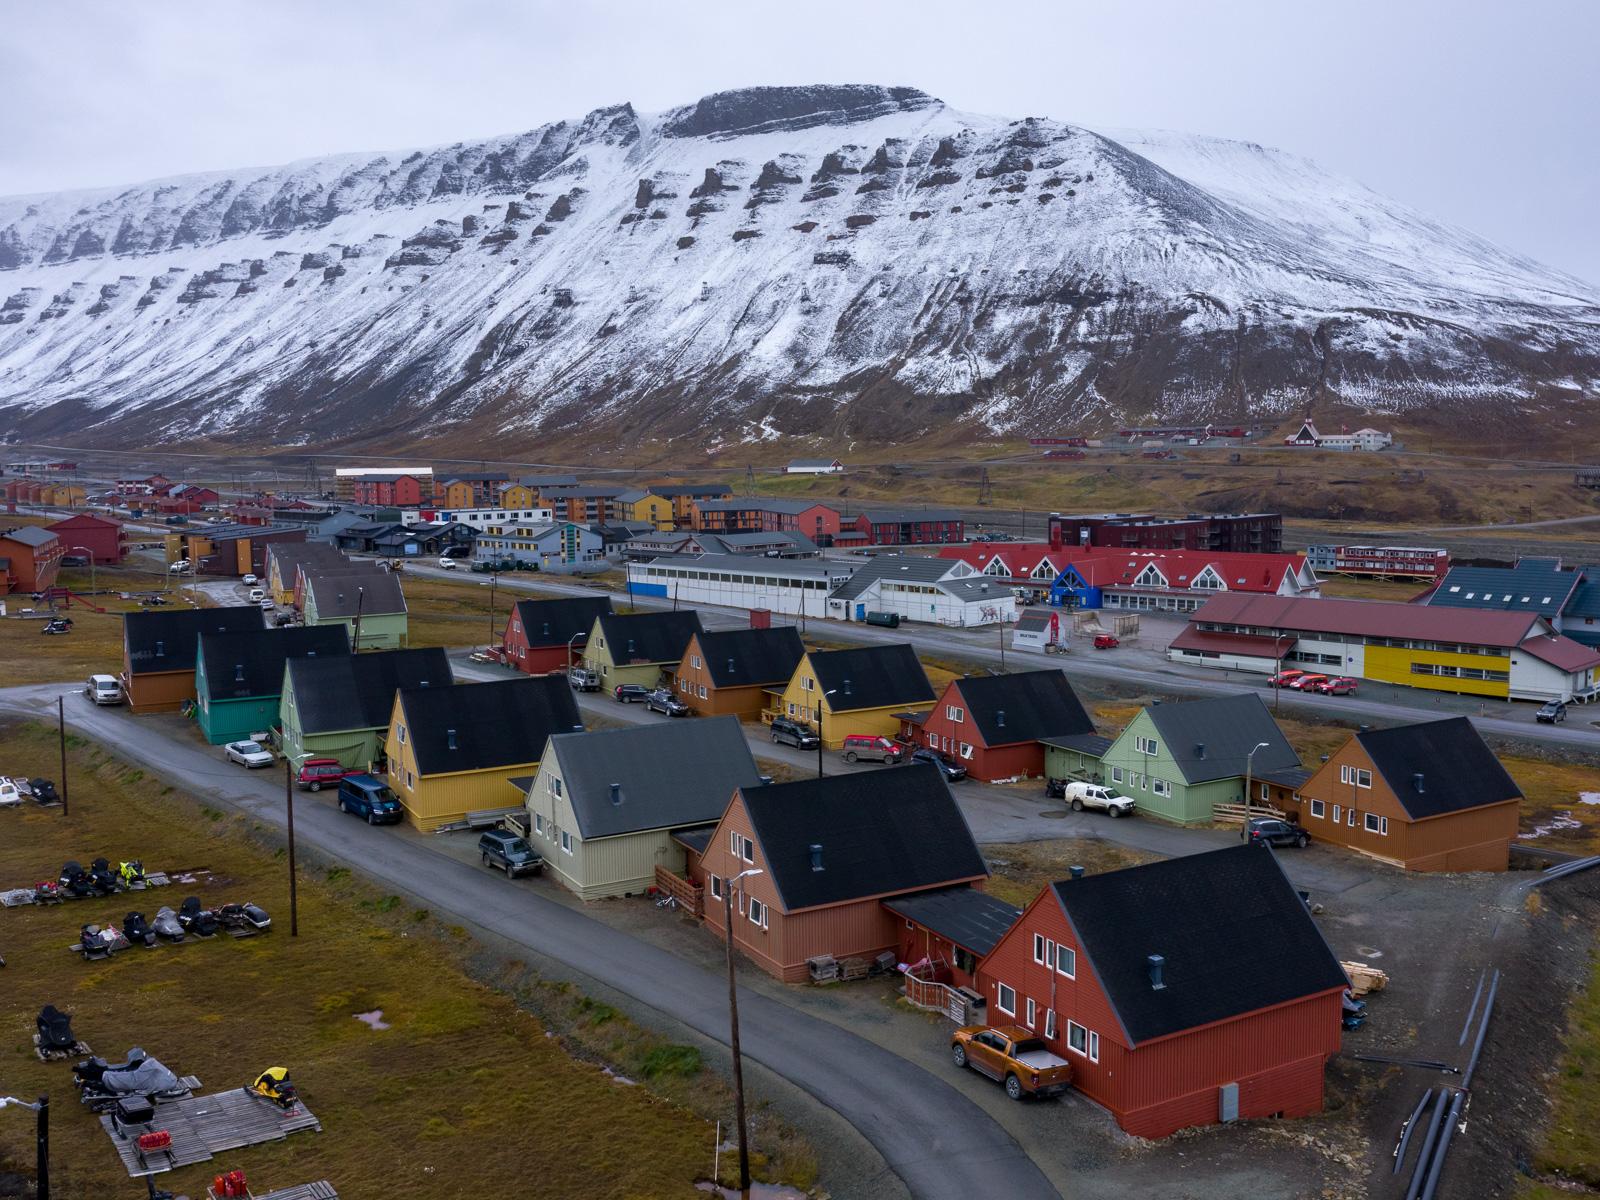 Svalbard_Spitsbergen_Longyearbyen-1